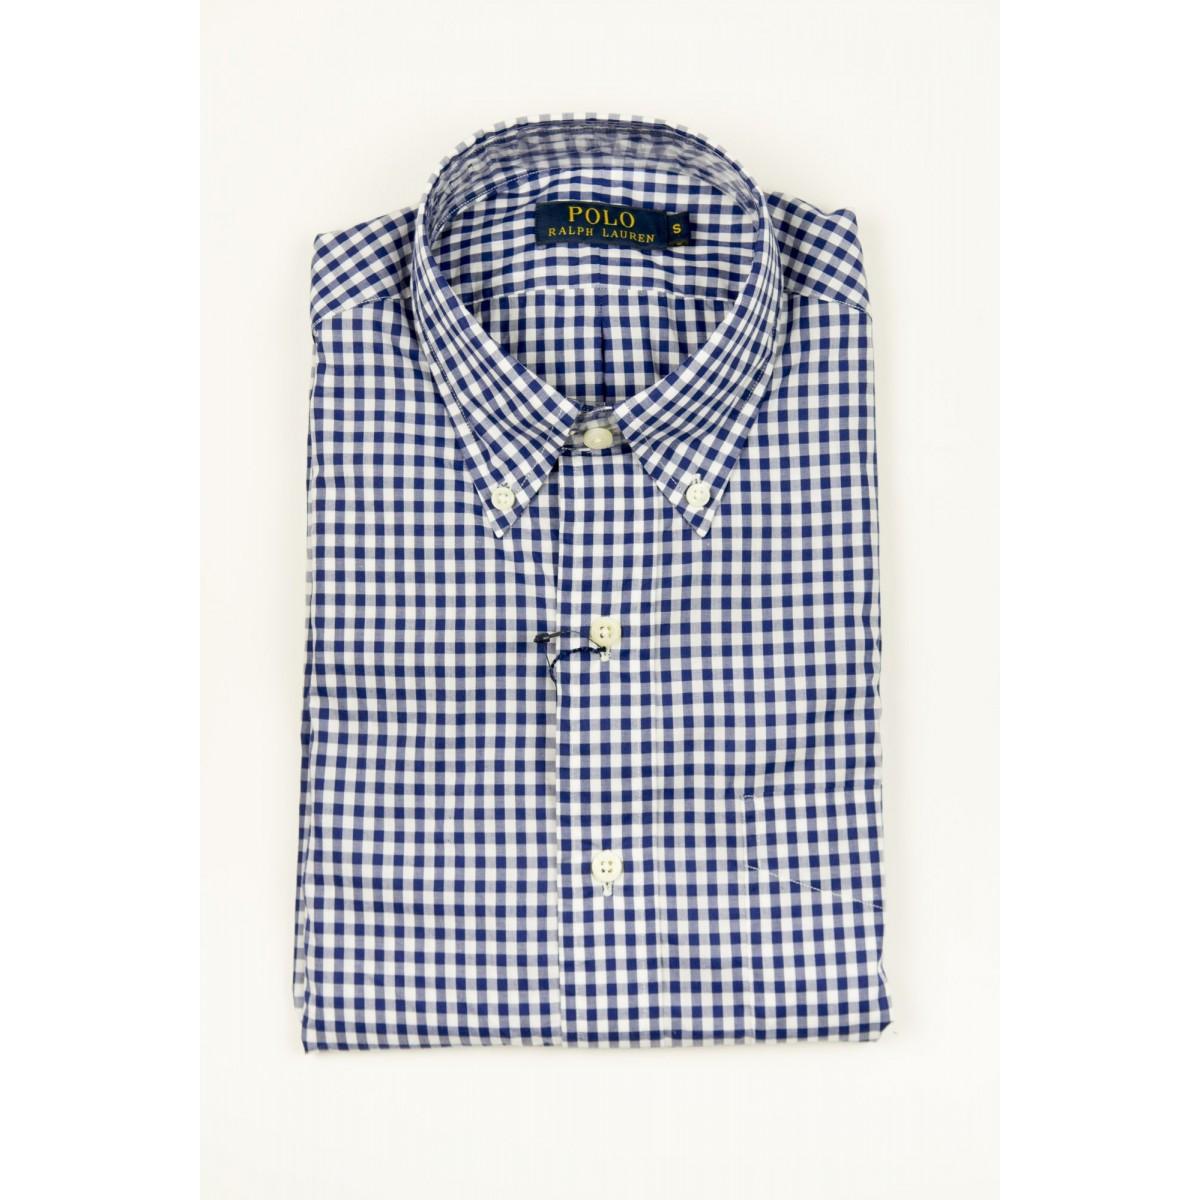 Shirt Polo Ralph Lauren - A04Wmcrpcpop6